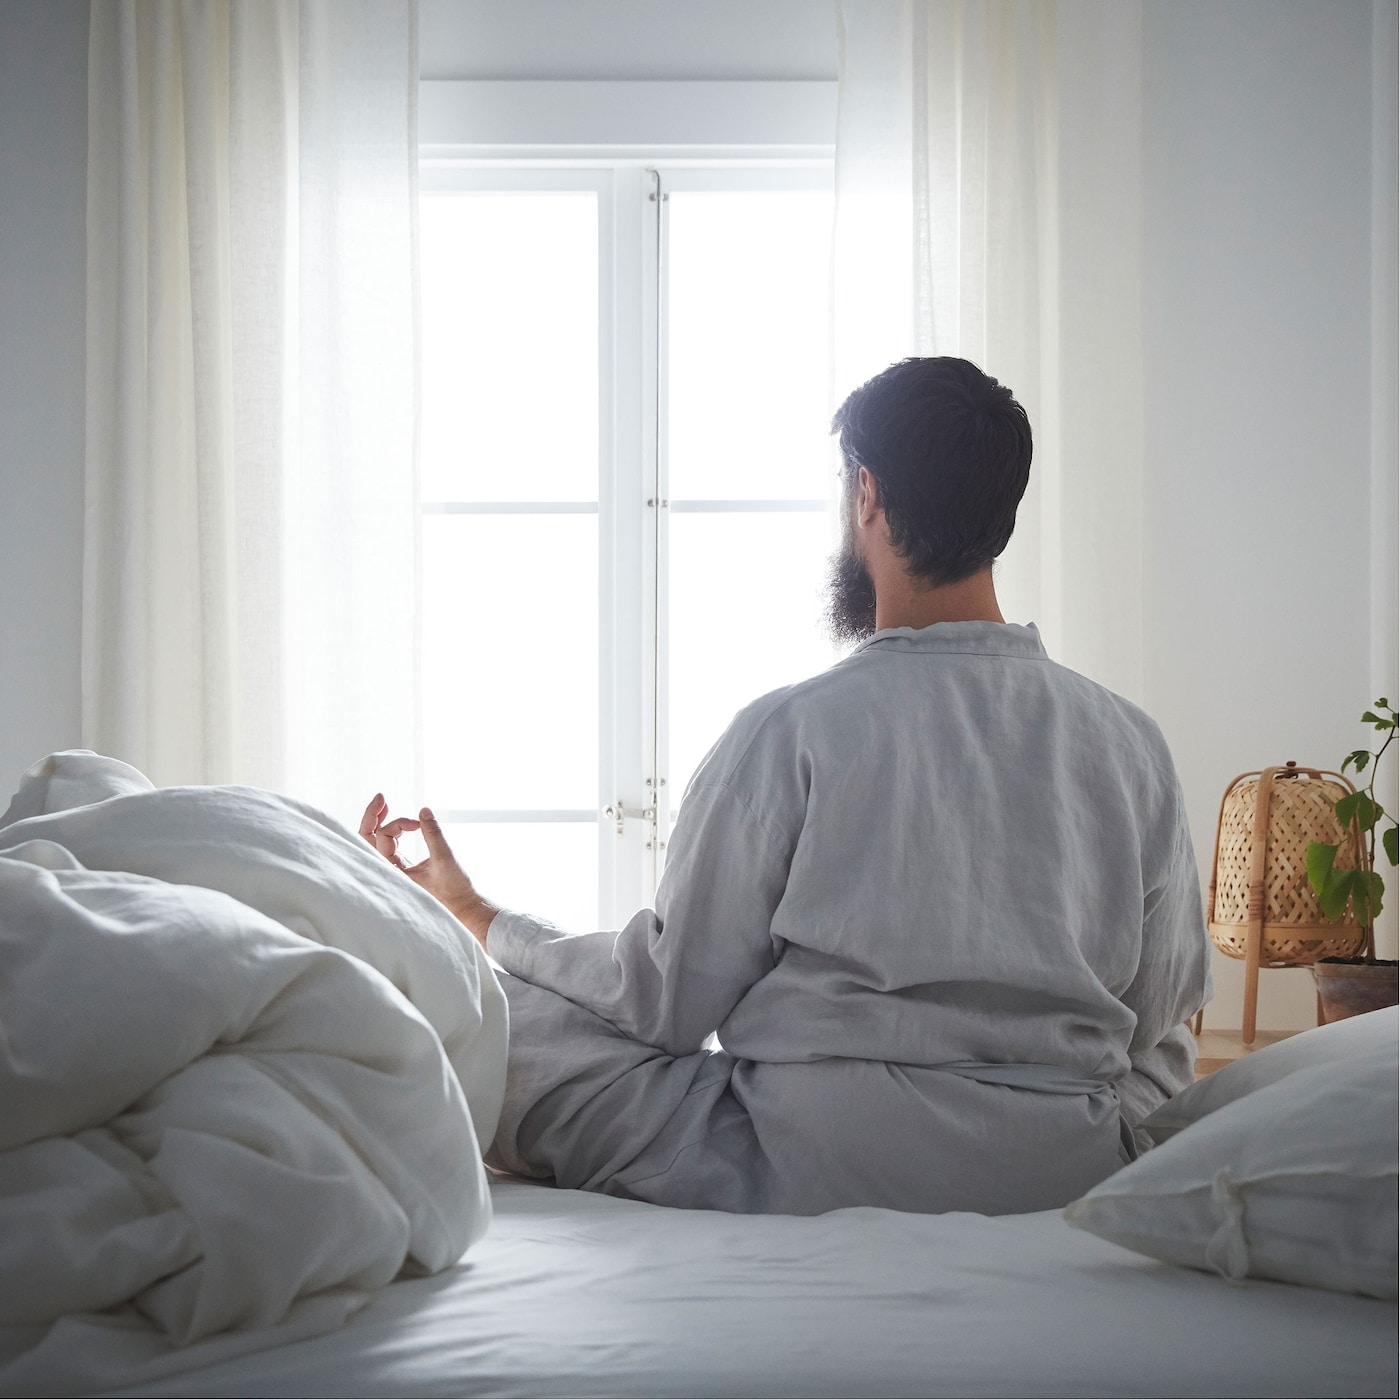 Een man met een baard in een meditatie-houding in een lichte, wit met grijze kamer